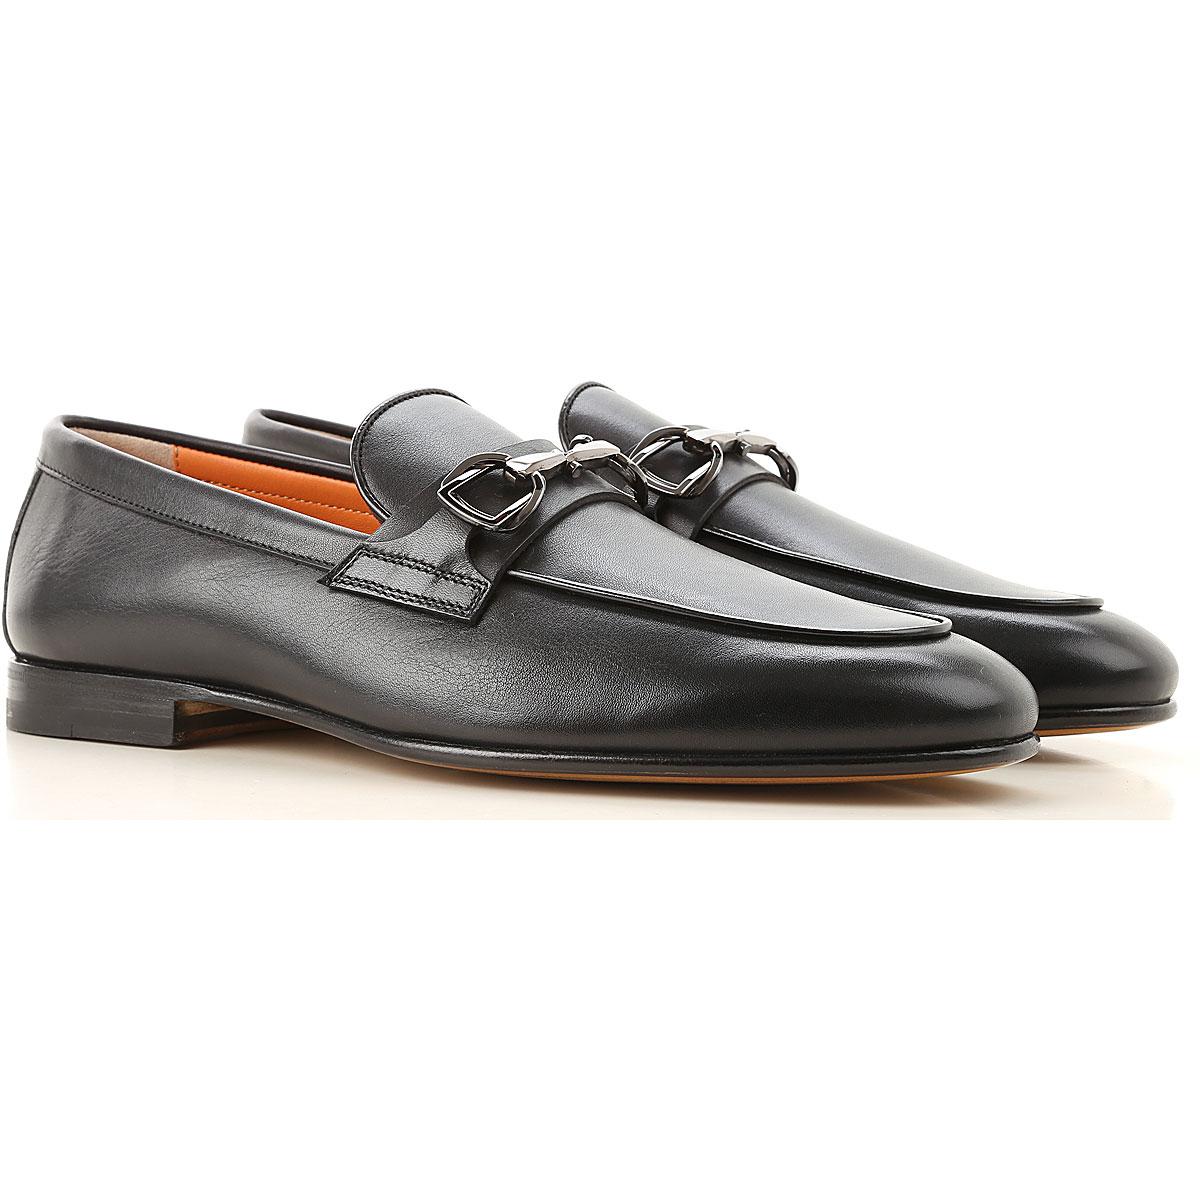 Santoni Loafers for Men On Sale, Black, Leather, 2019, 10.5 7.5 8 8.5 9.5